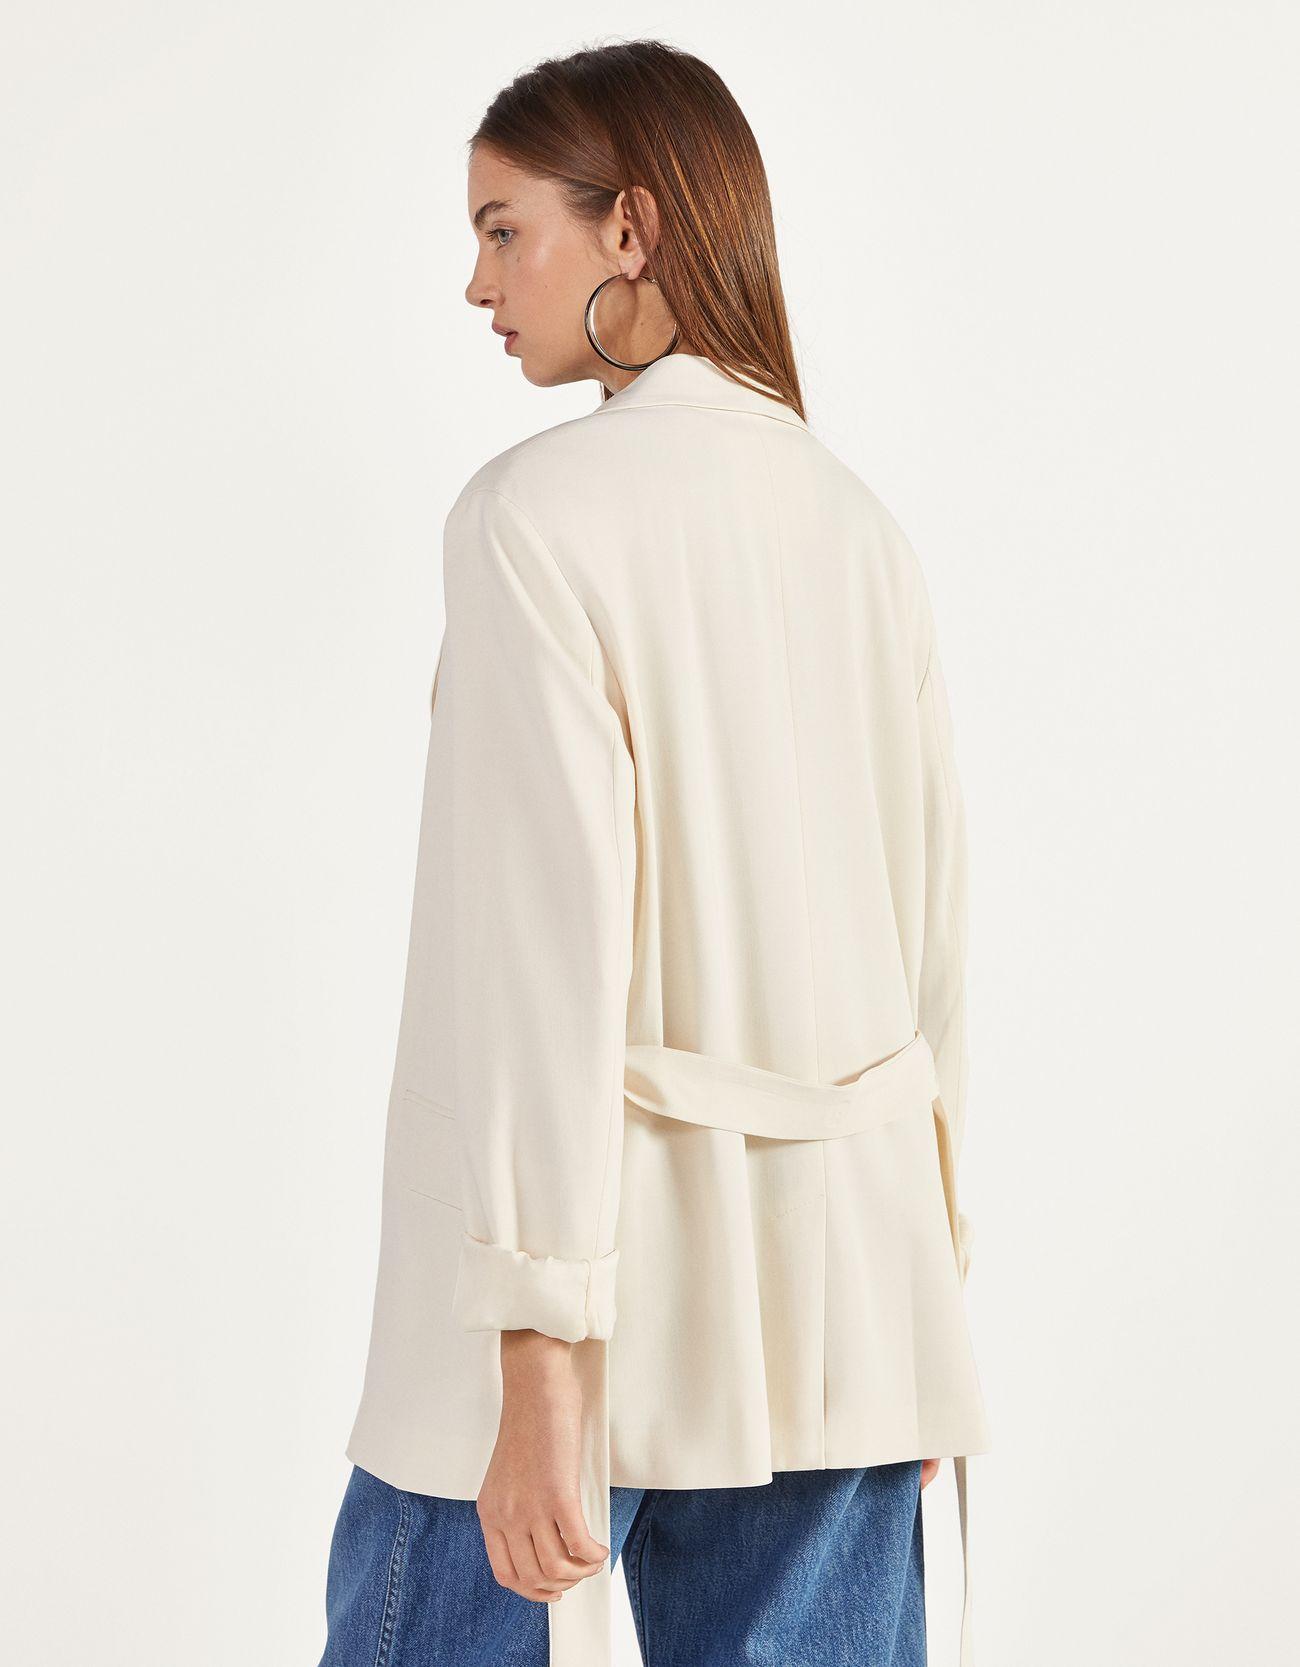 Пиджак с поясом Белый Bershka